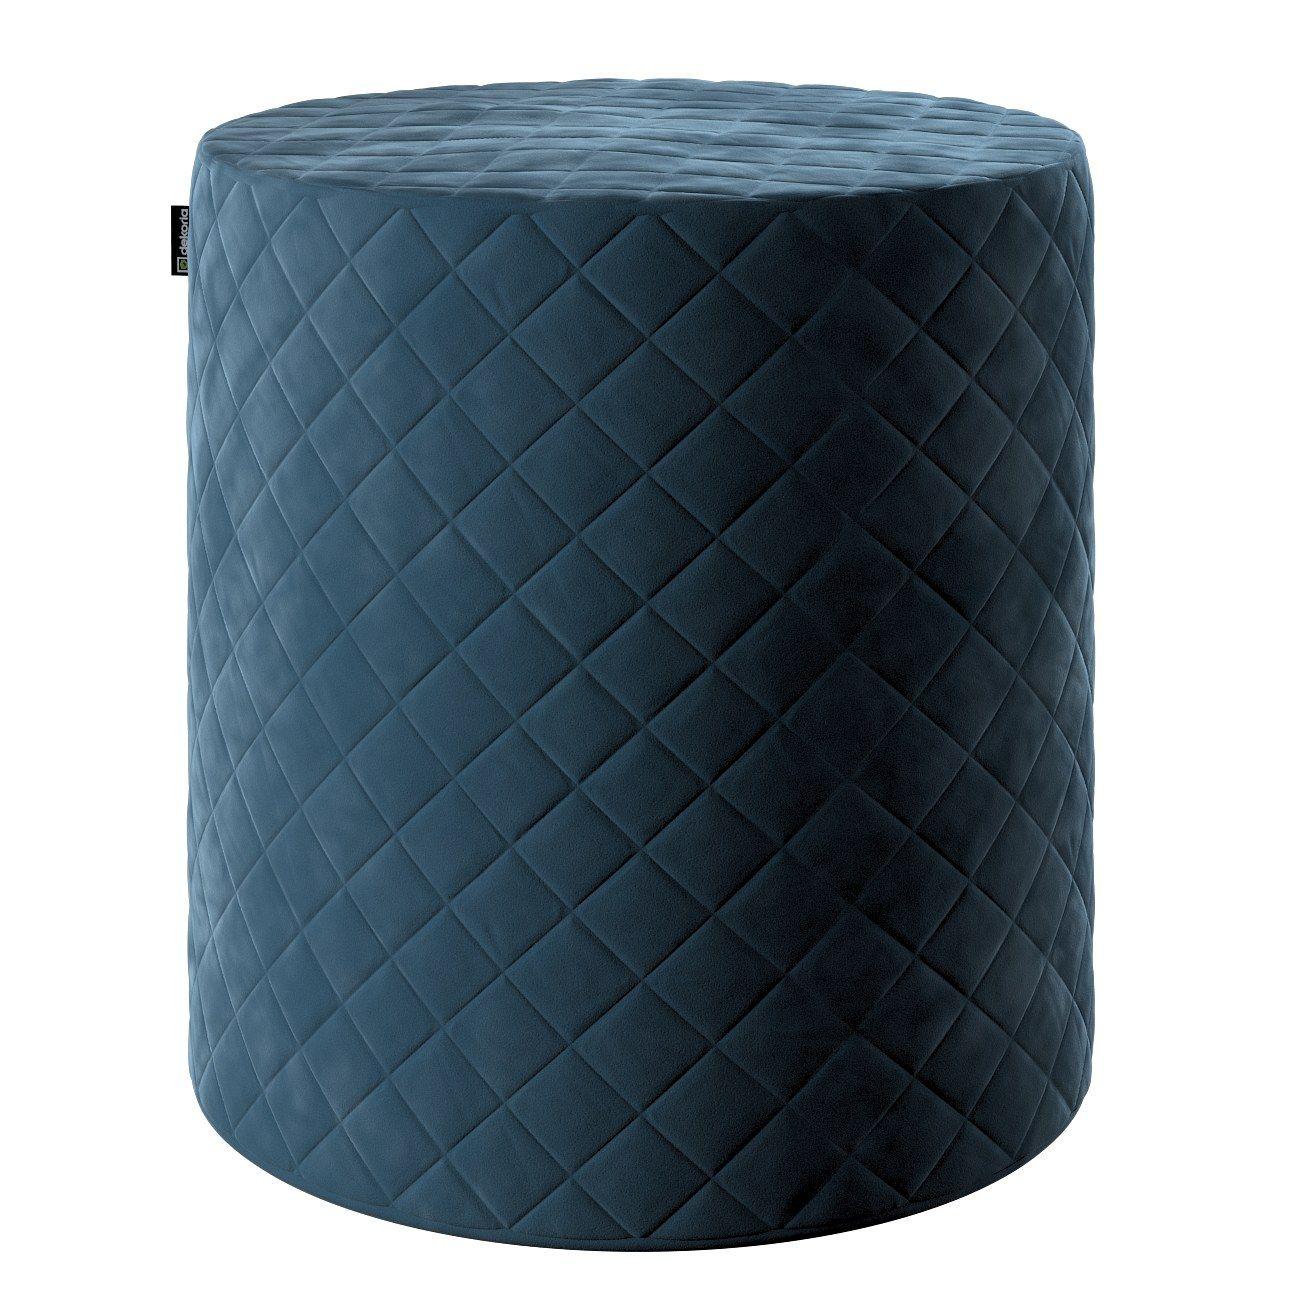 Dekoria.pl oferuje Puff Barrel pikowany w wielu kolorach